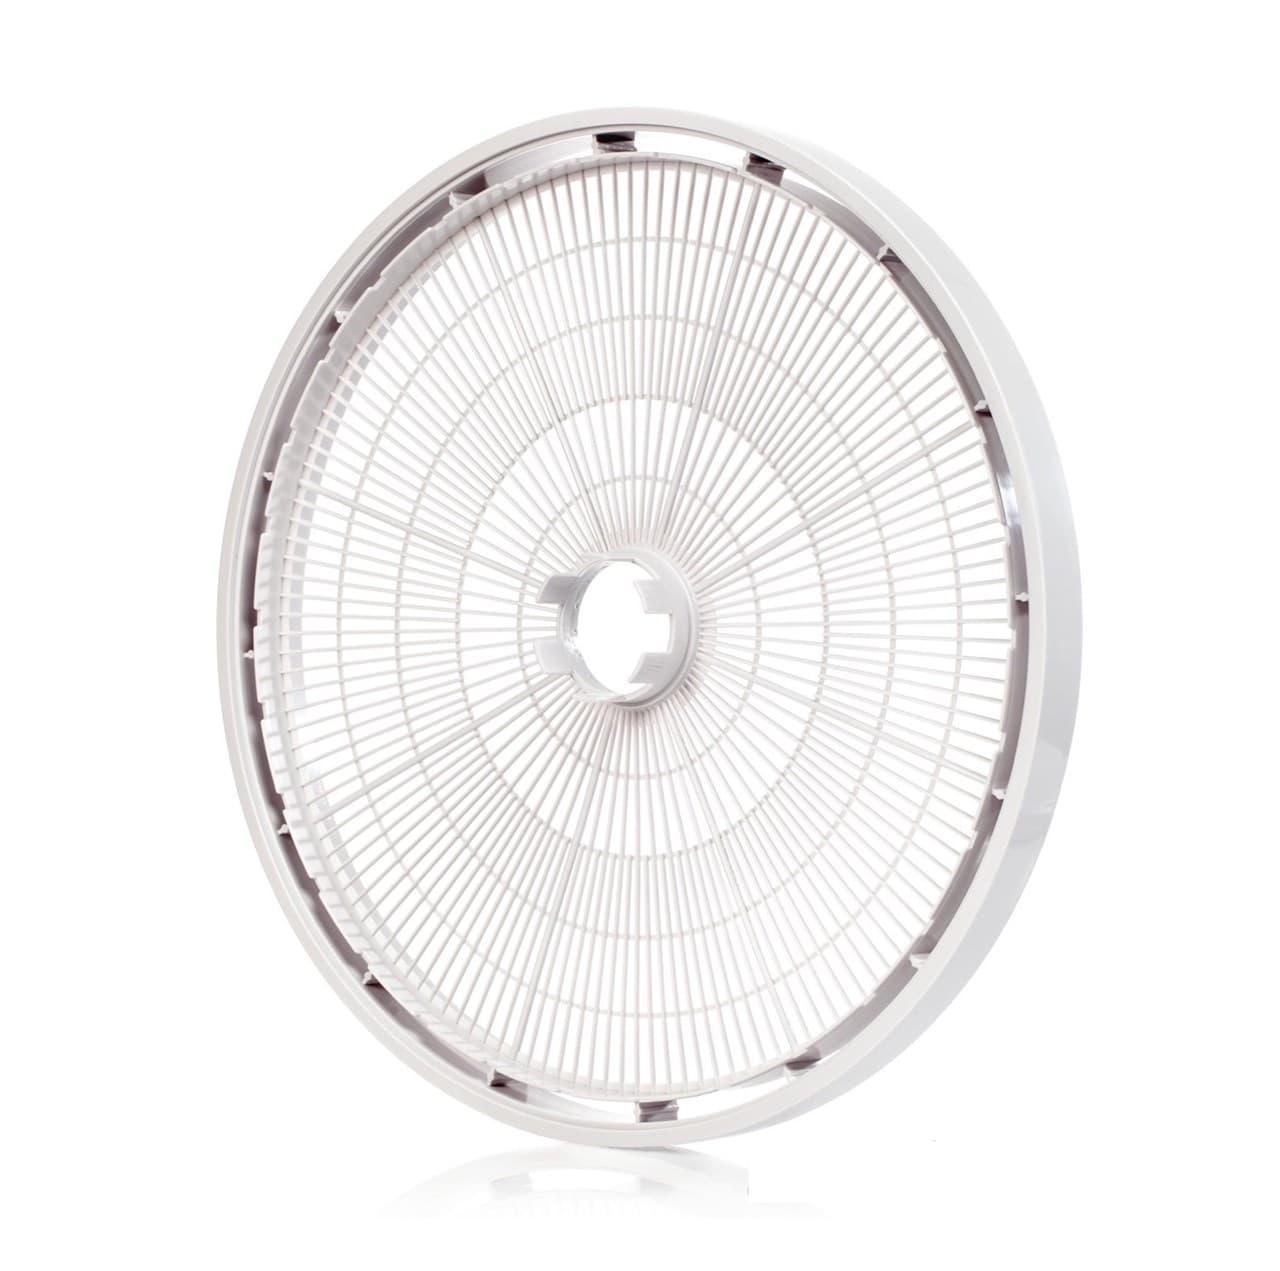 Противень БЕЛОМО для электросушилки, круг, решетка, пластик, допсекция - фото 10287